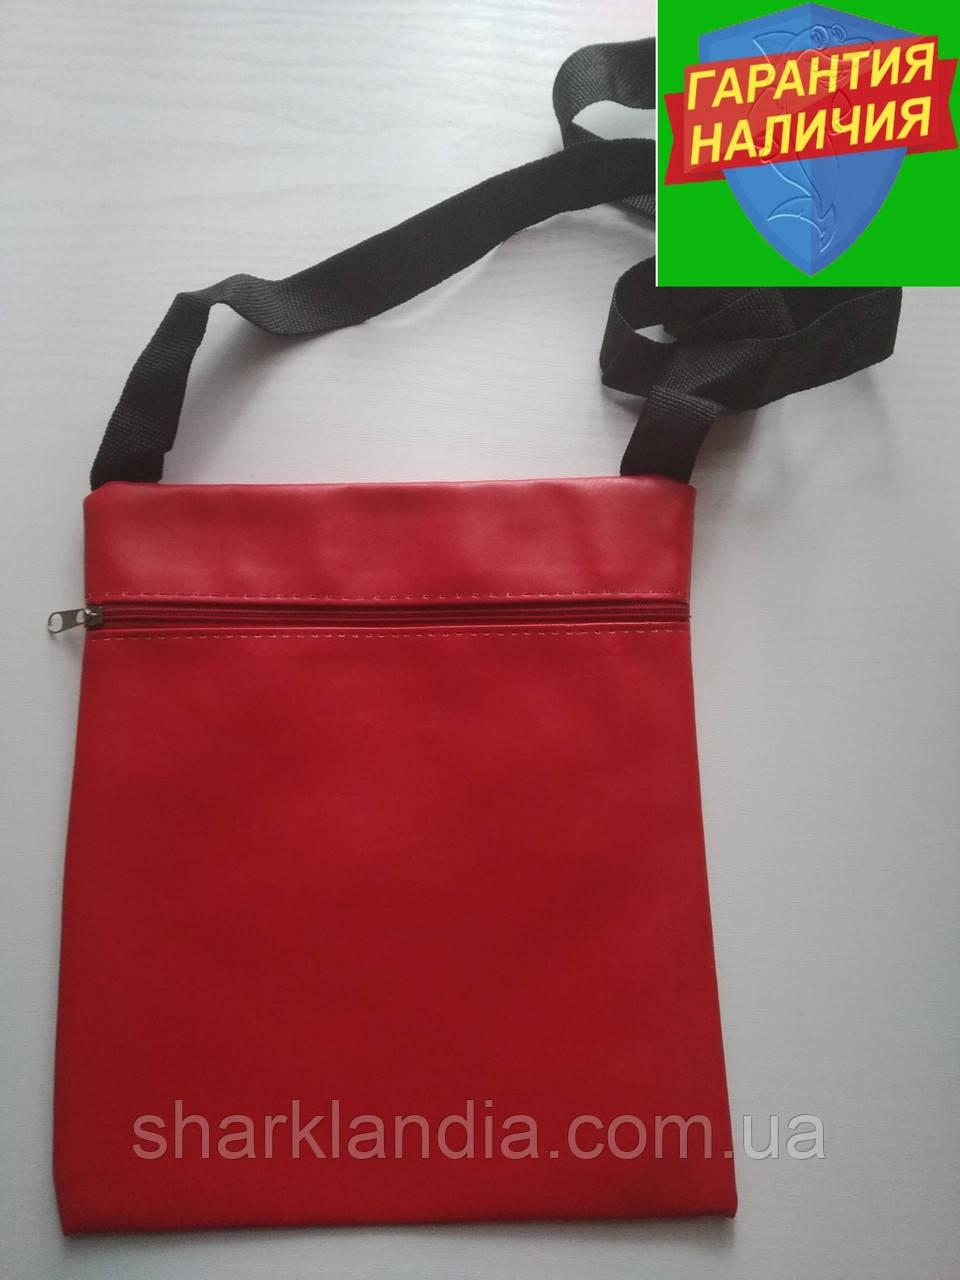 Стильная детская сумка с внешним карманом Кожзам Презент